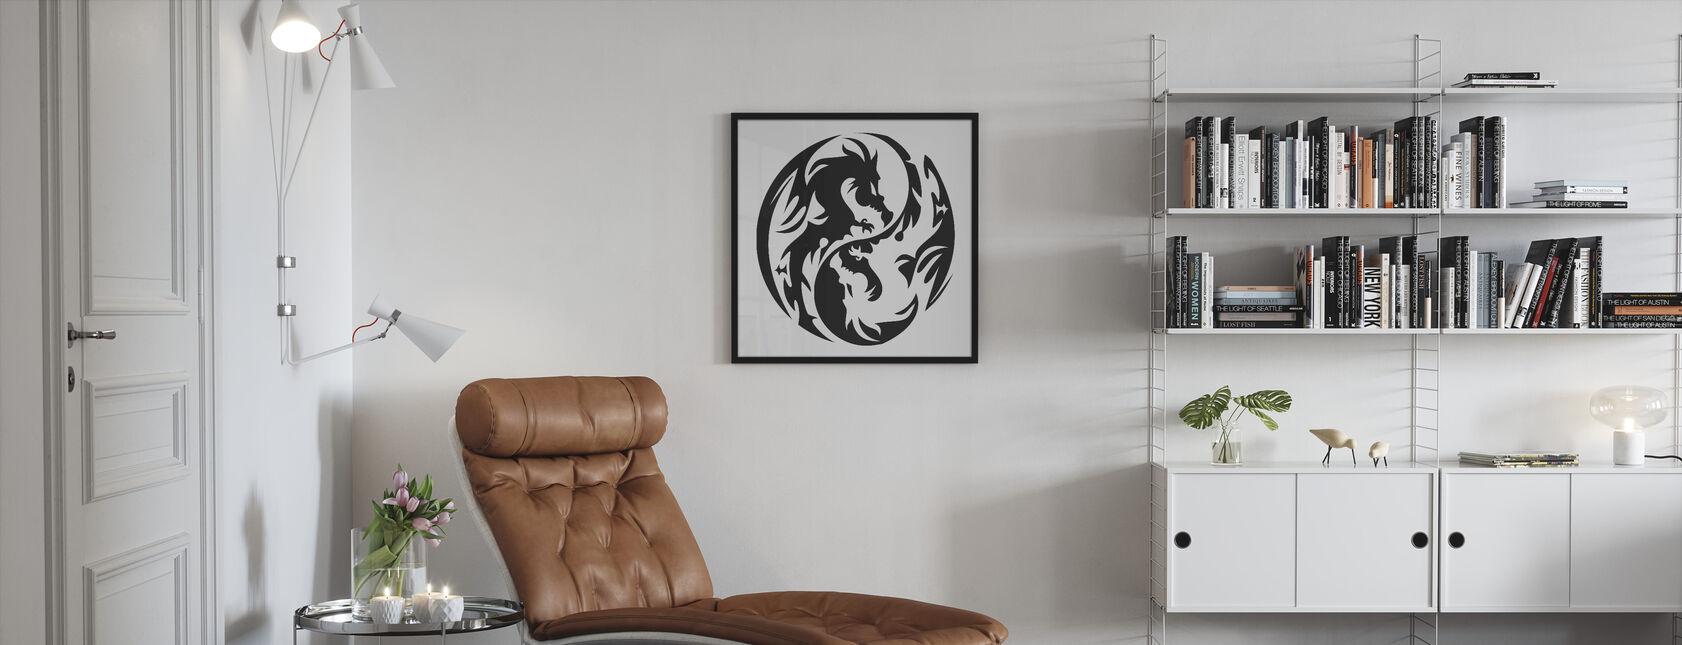 Kreis Drachen - Gerahmtes bild - Wohnzimmer